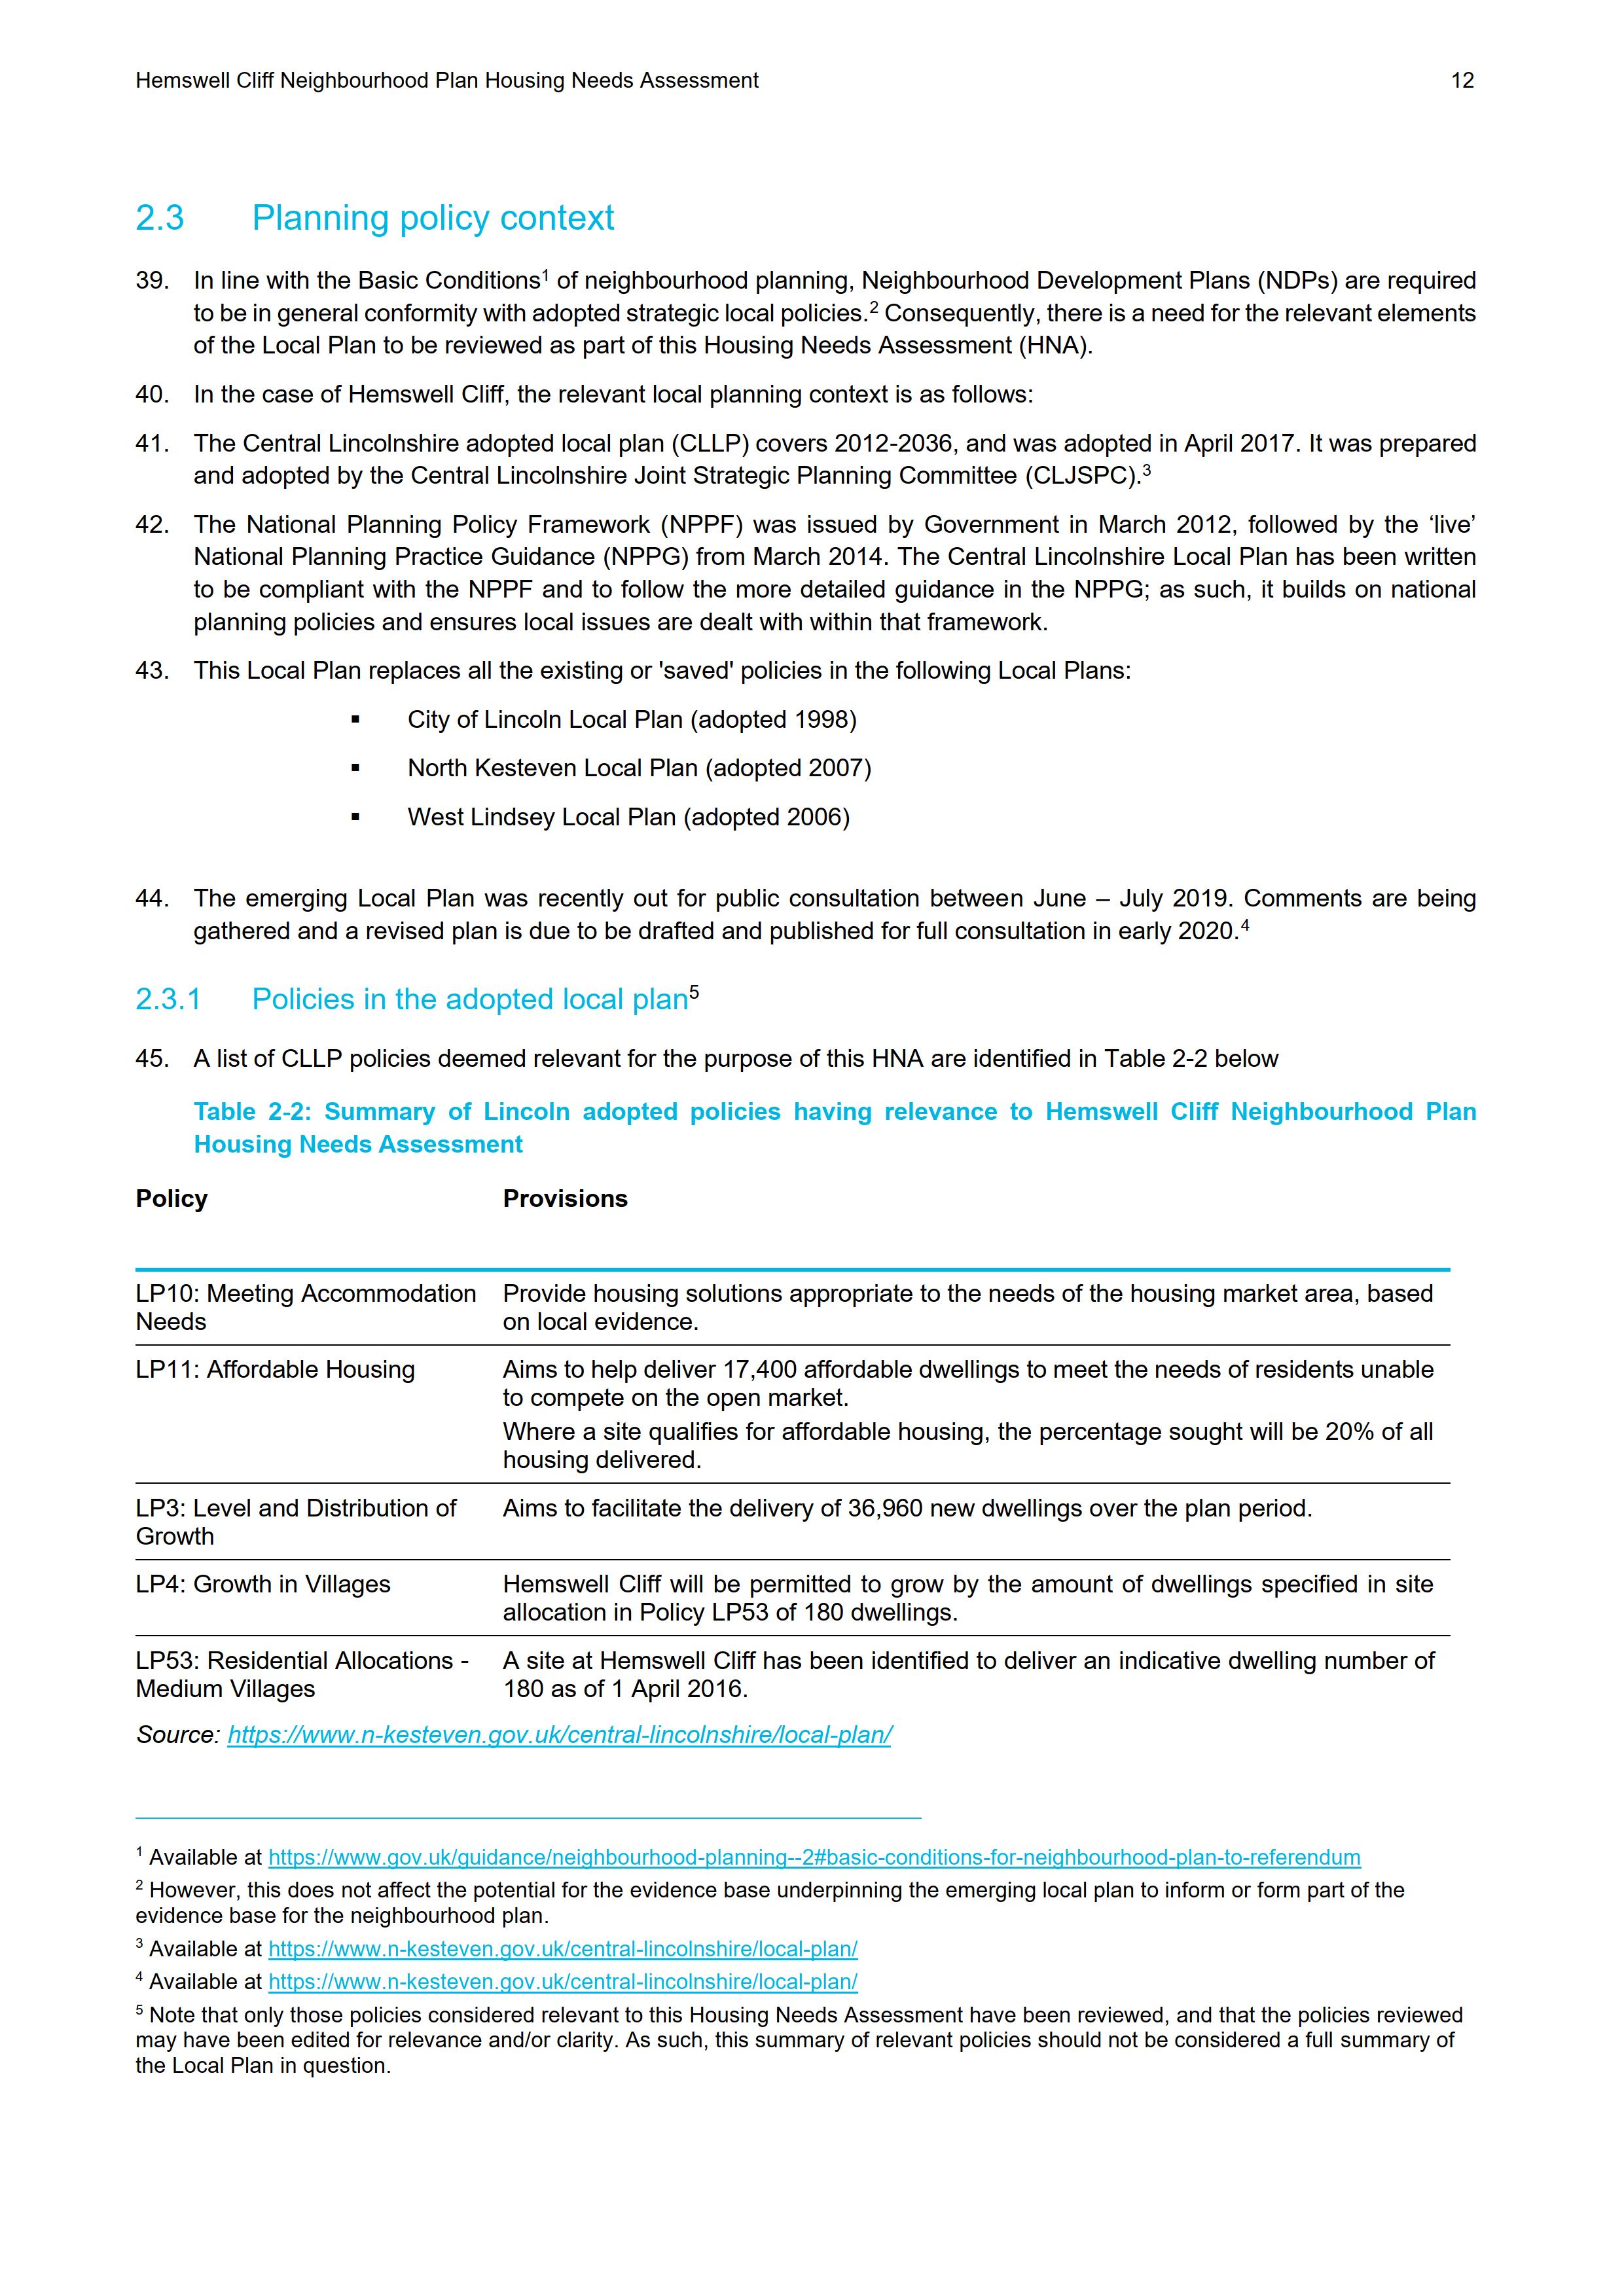 Hemswell_Cliff_Housing_Needs_Assessment_Final_12.png